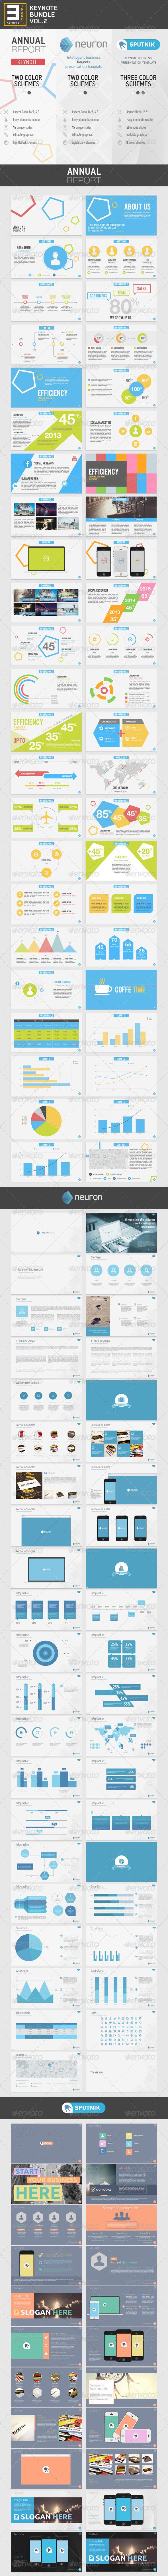 GraphicRiver 3-in-1 Keynote Bundle Vol.2 7983226